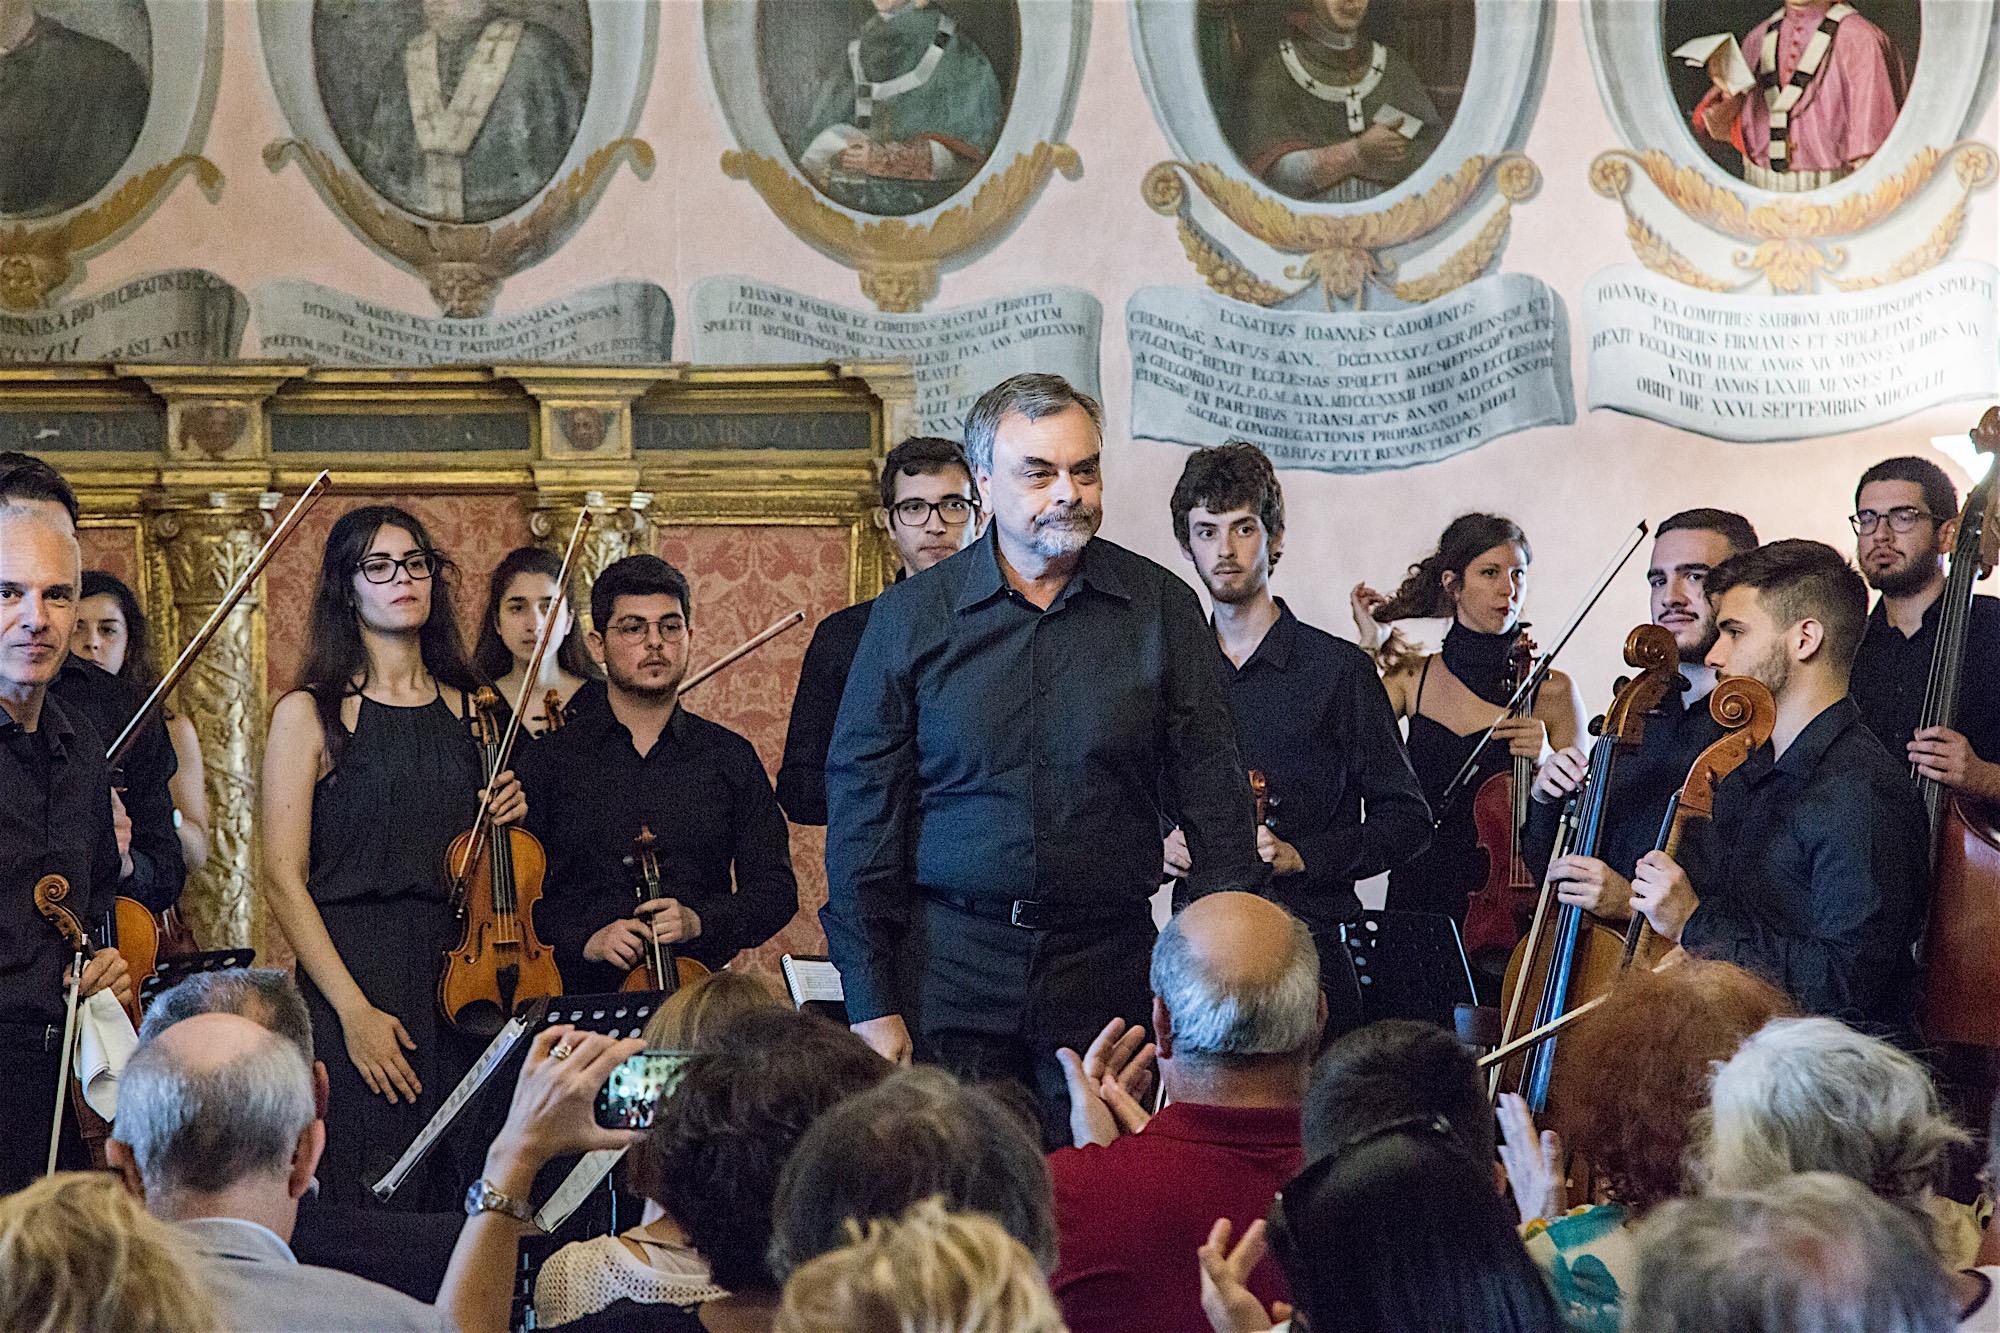 L'Angolo di Marta Lock: Speciale Festival di Spoleto 2018, i Concerti di Mezzogiorno e i Concerti de